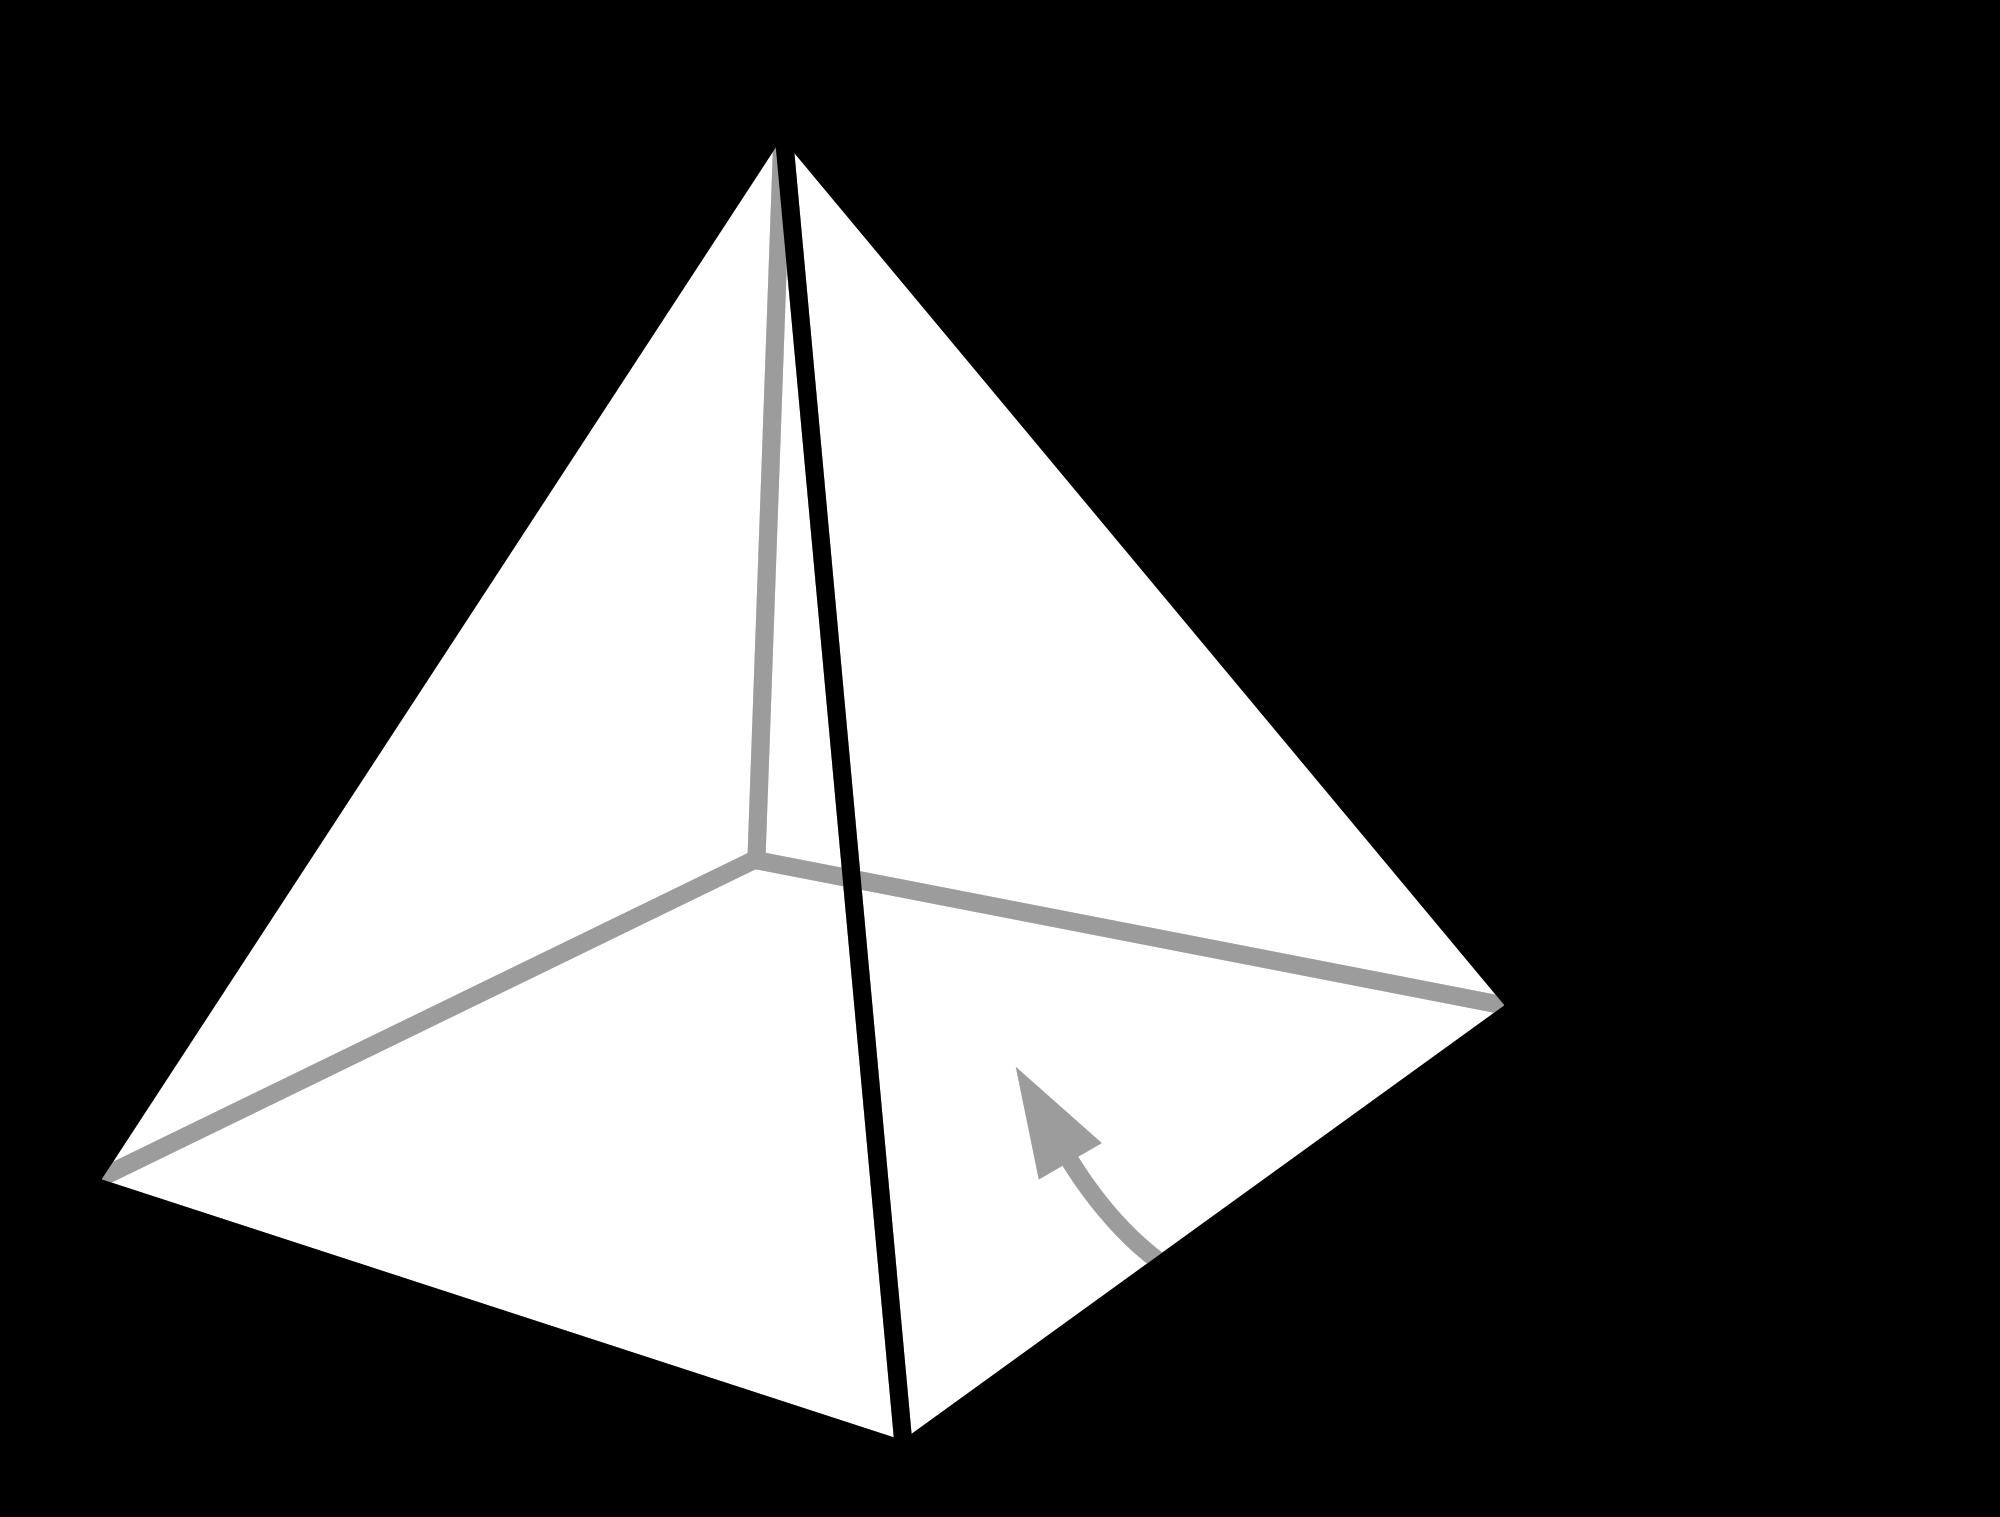 clip art library download Pyramid Drawing at GetDrawings